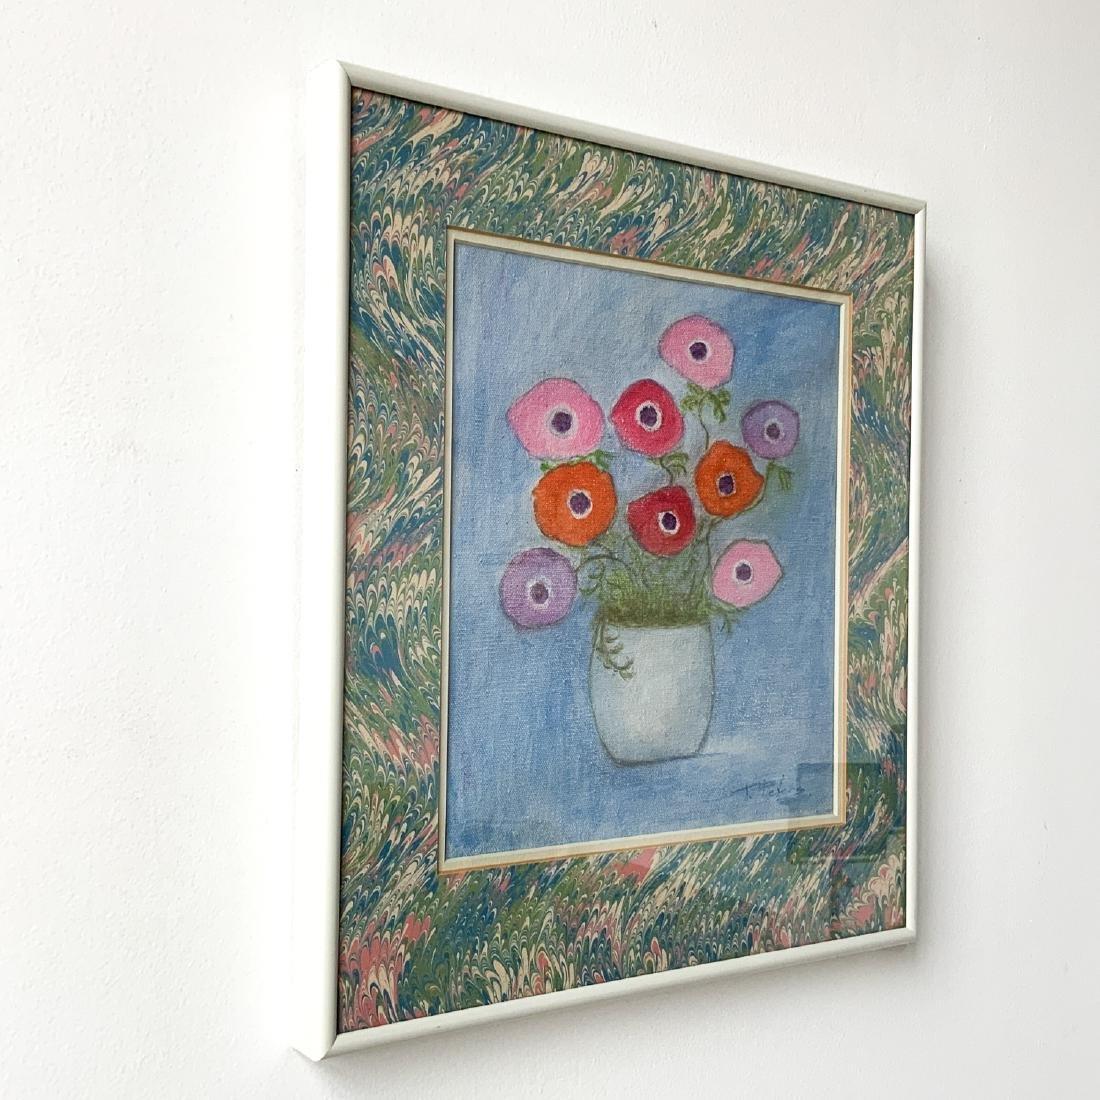 Original Signed Framed Floral Oil Painting 1978 - 2